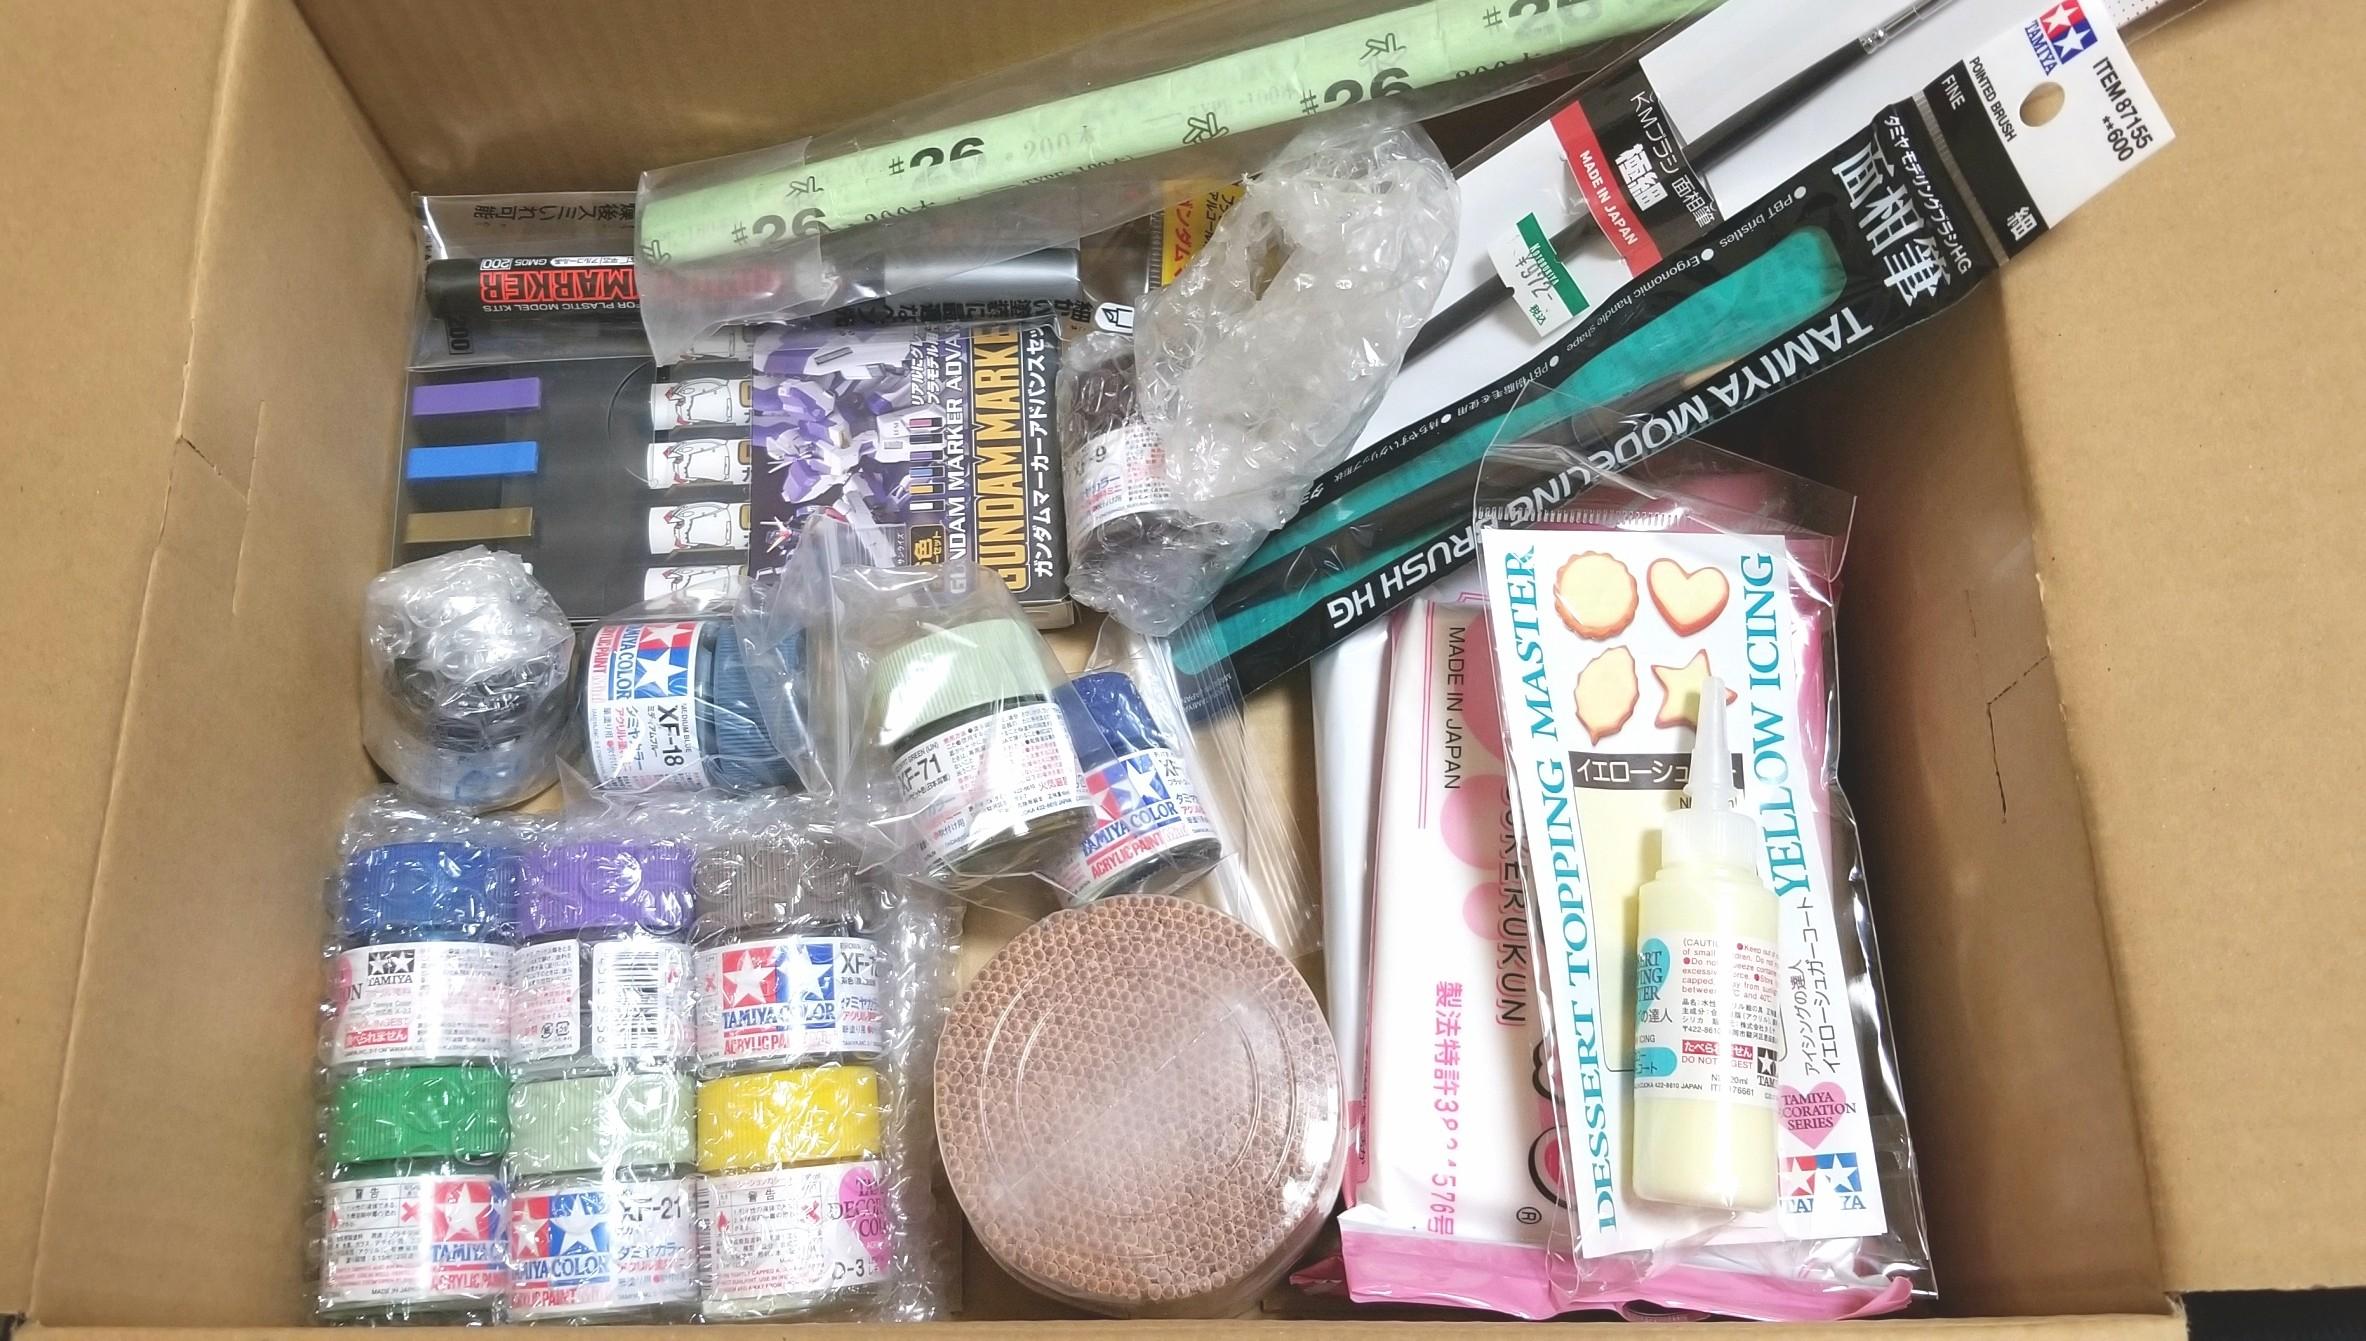 ハンドメイド販売,ミニチュアフード,道具や材料,ヒルナンデス,ブログ